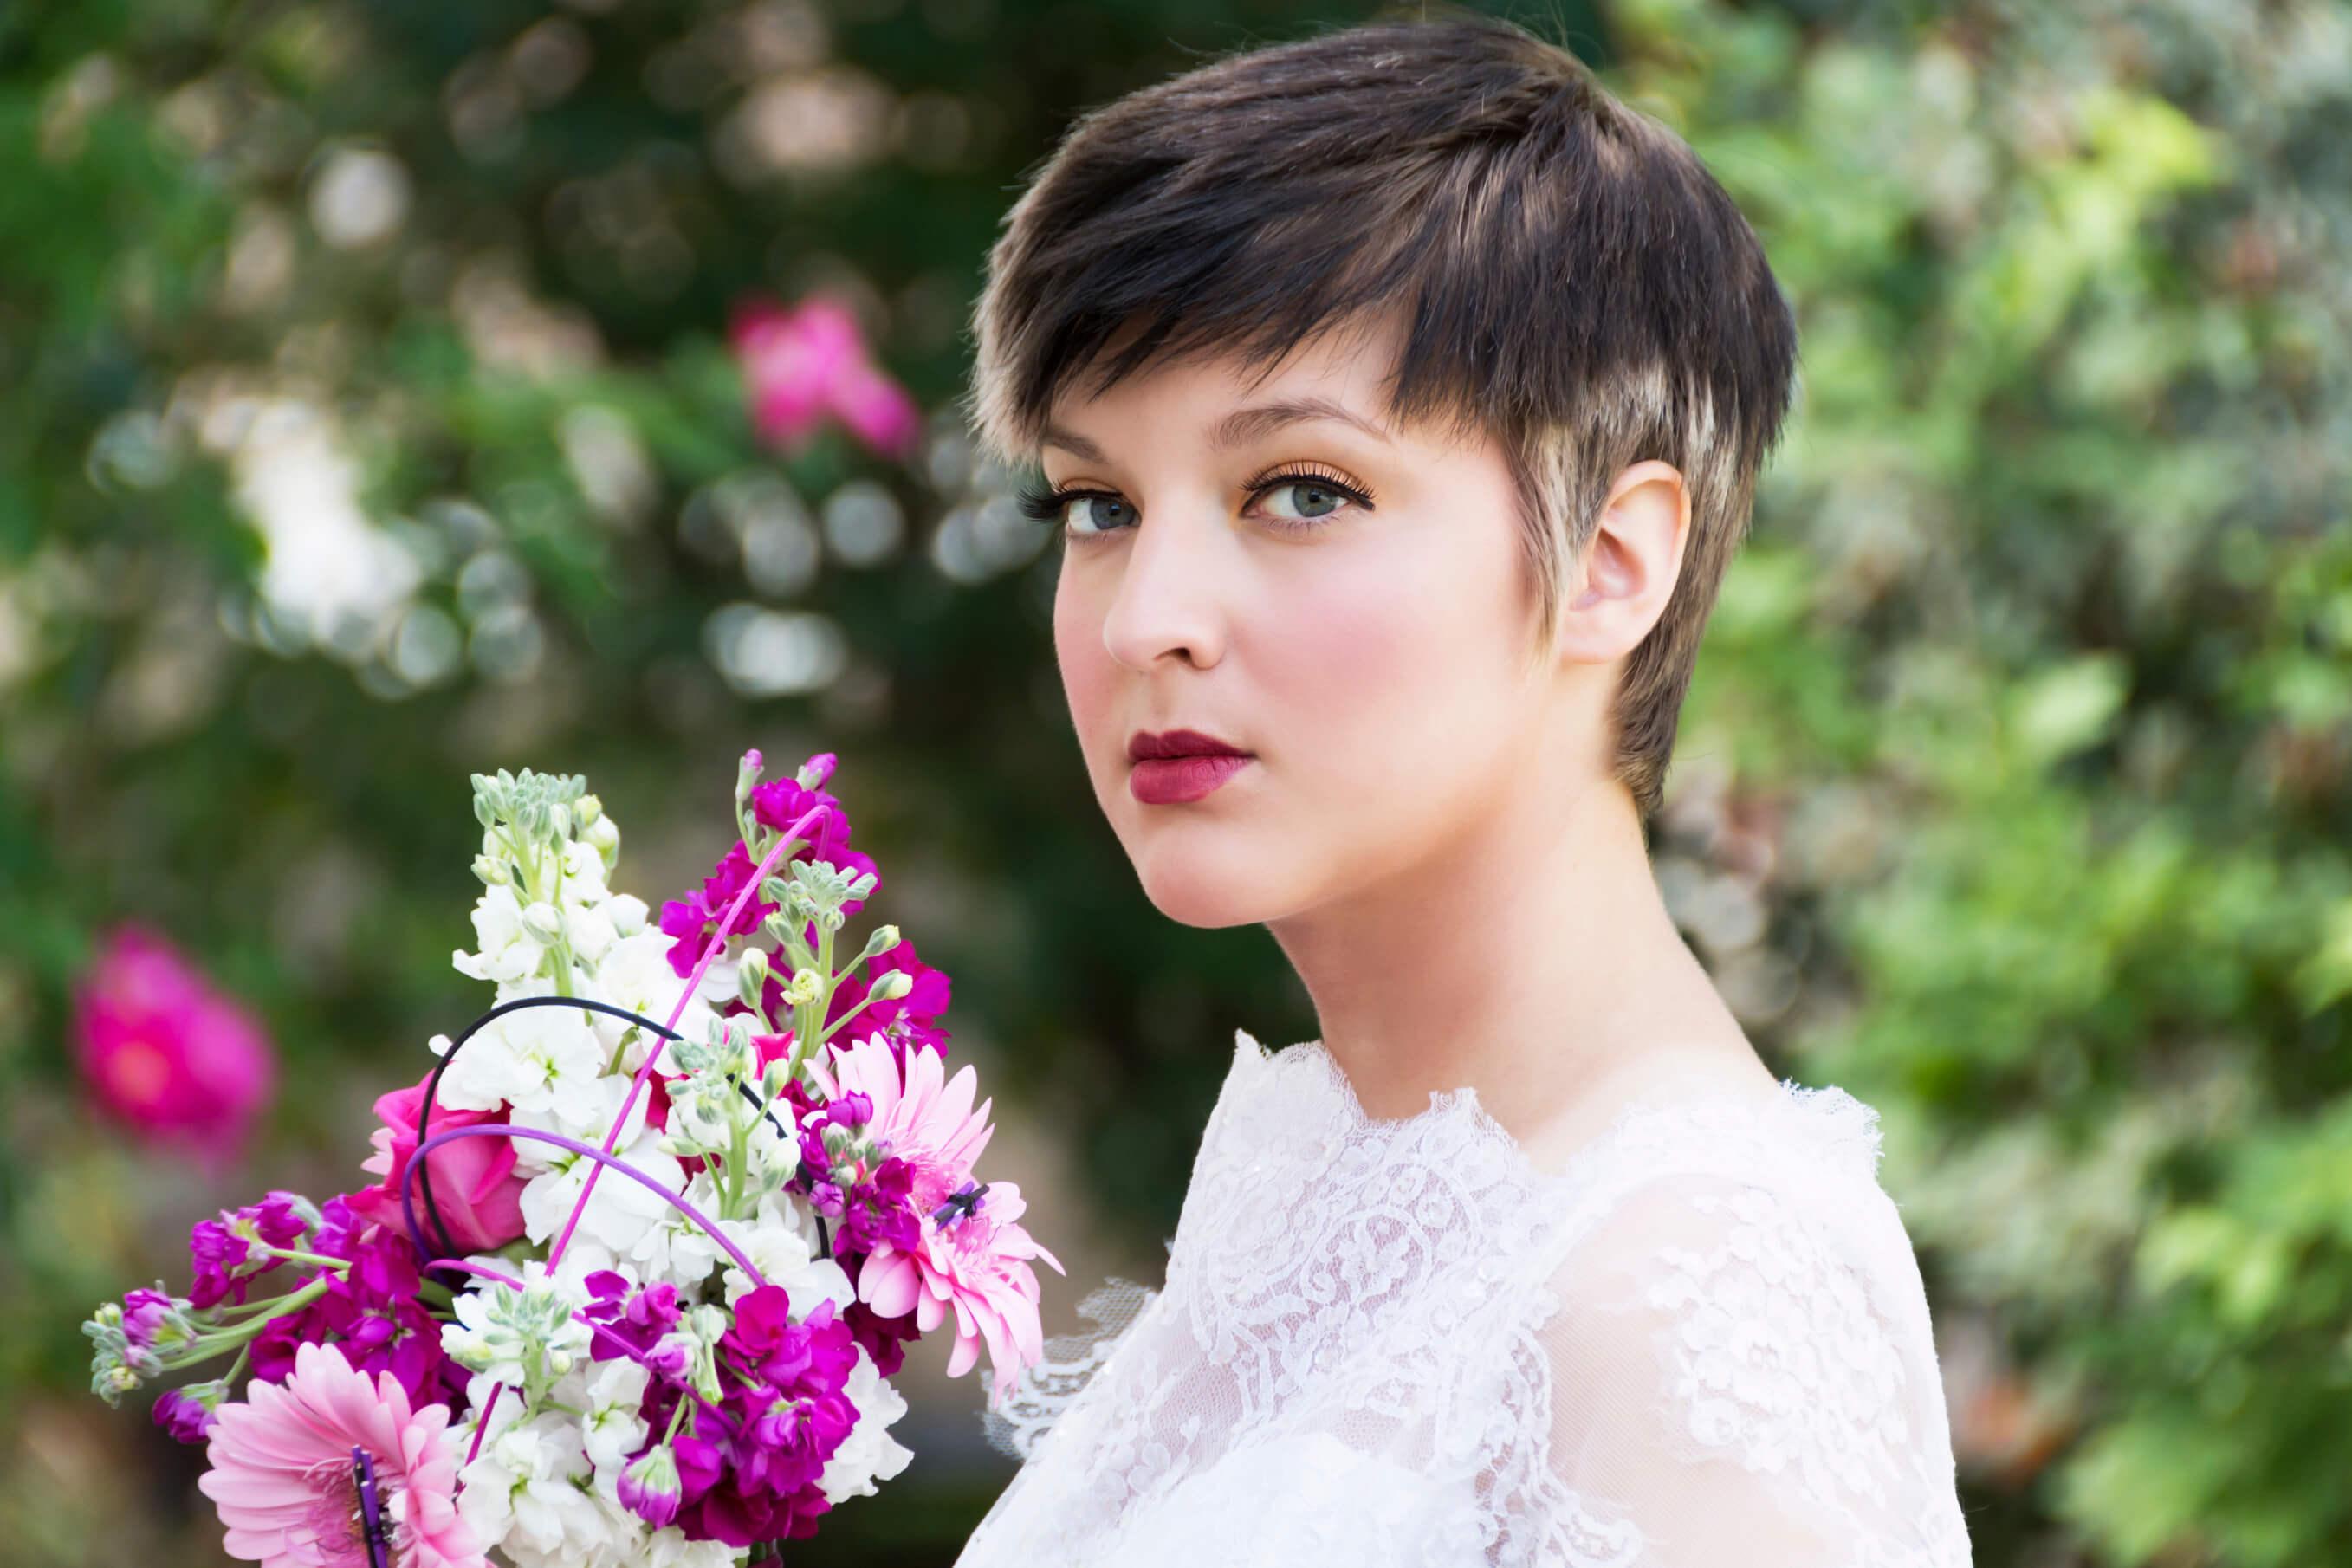 Short Pixie Wedding Hairstyles - Short Pixie 2018 4